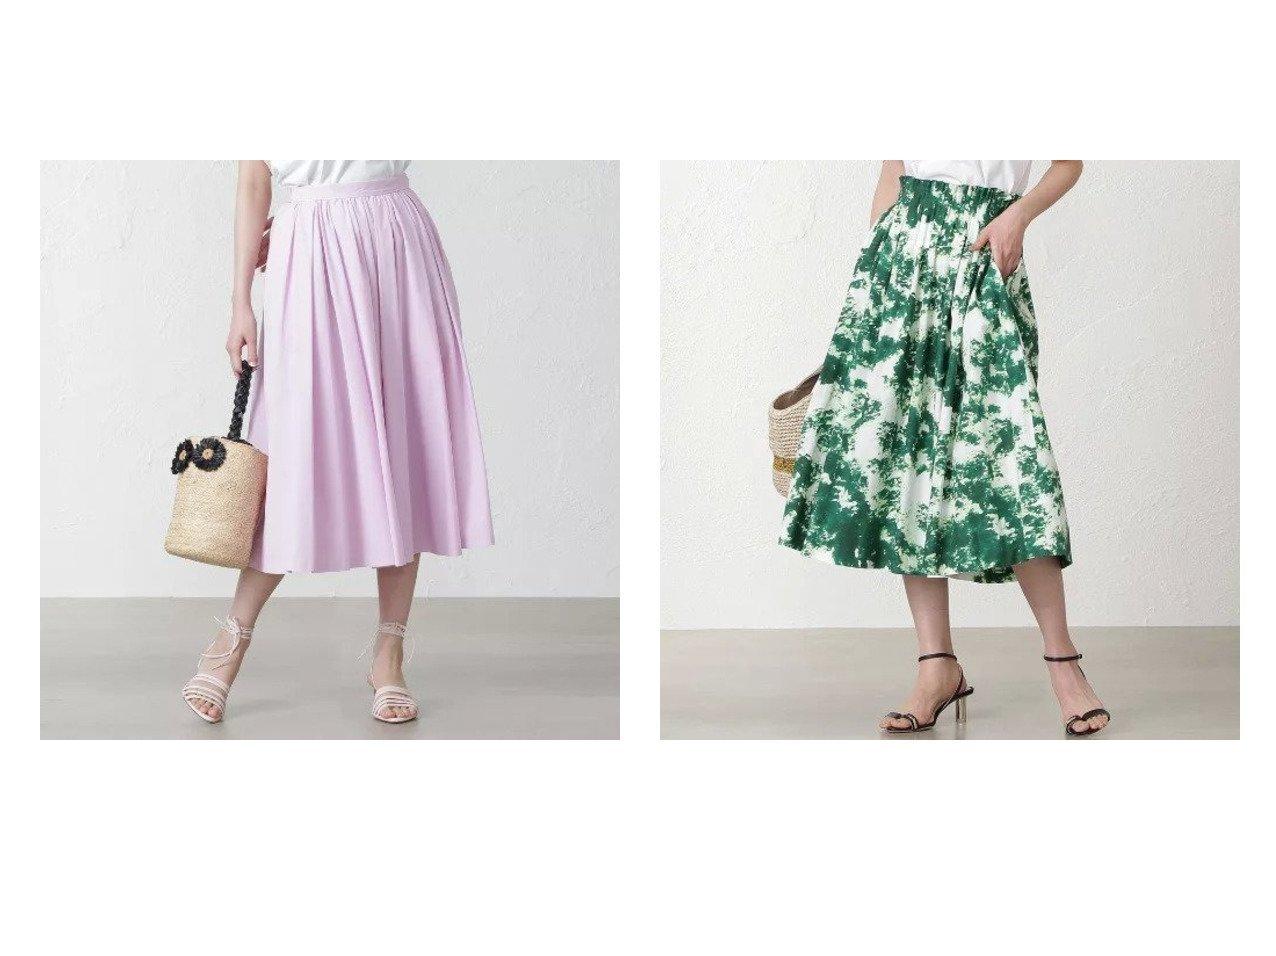 【EPOCA THE SHOP/エポカ ザ ショップ】の【MIHOKO SAITO】カラースカート&【MIHOKO SAITO】グリーンプリントスカート 【スカート】おすすめ!人気、トレンド・レディースファッションの通販 おすすめで人気の流行・トレンド、ファッションの通販商品 メンズファッション・キッズファッション・インテリア・家具・レディースファッション・服の通販 founy(ファニー) https://founy.com/ ファッション Fashion レディースファッション WOMEN スカート Skirt ギャザー コレクション プリント マキシ モダン レース ロング おすすめ Recommend ストレッチ |ID:crp329100000029131